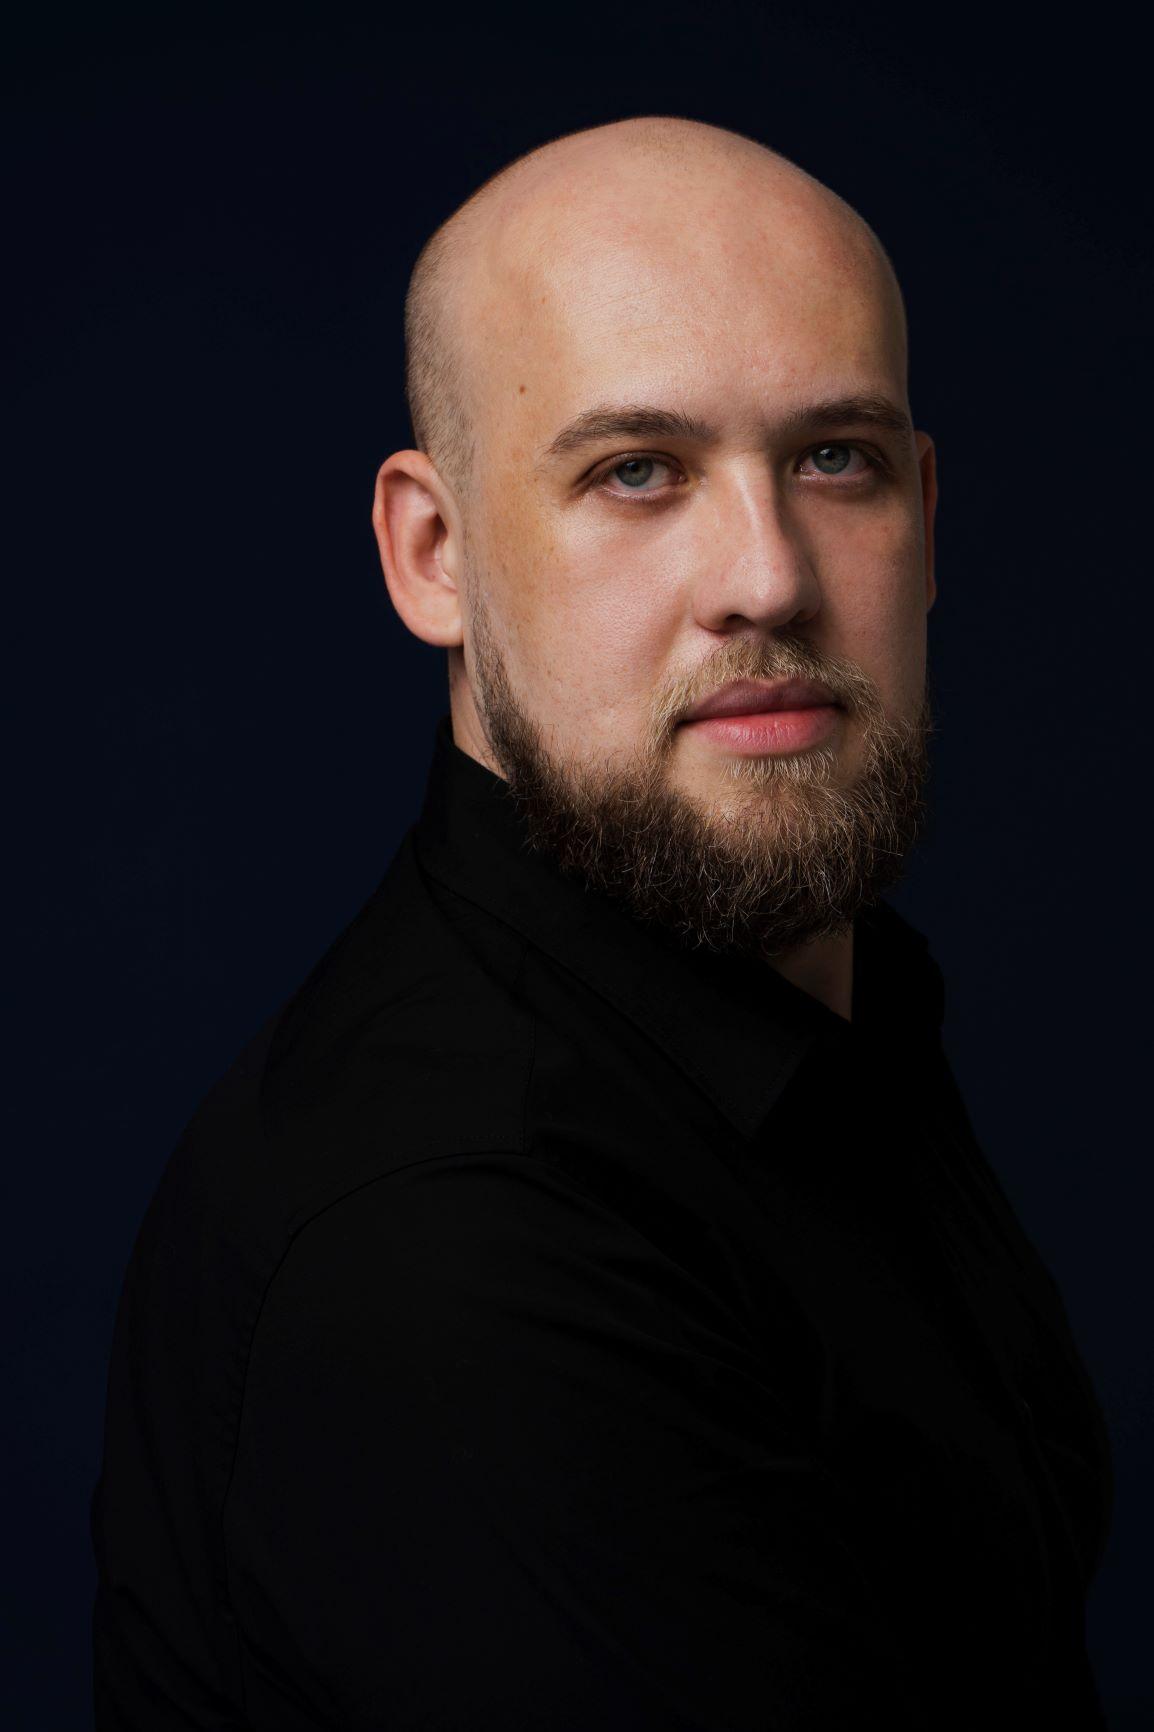 Evgeny Solodovnikov - Picture nr #10